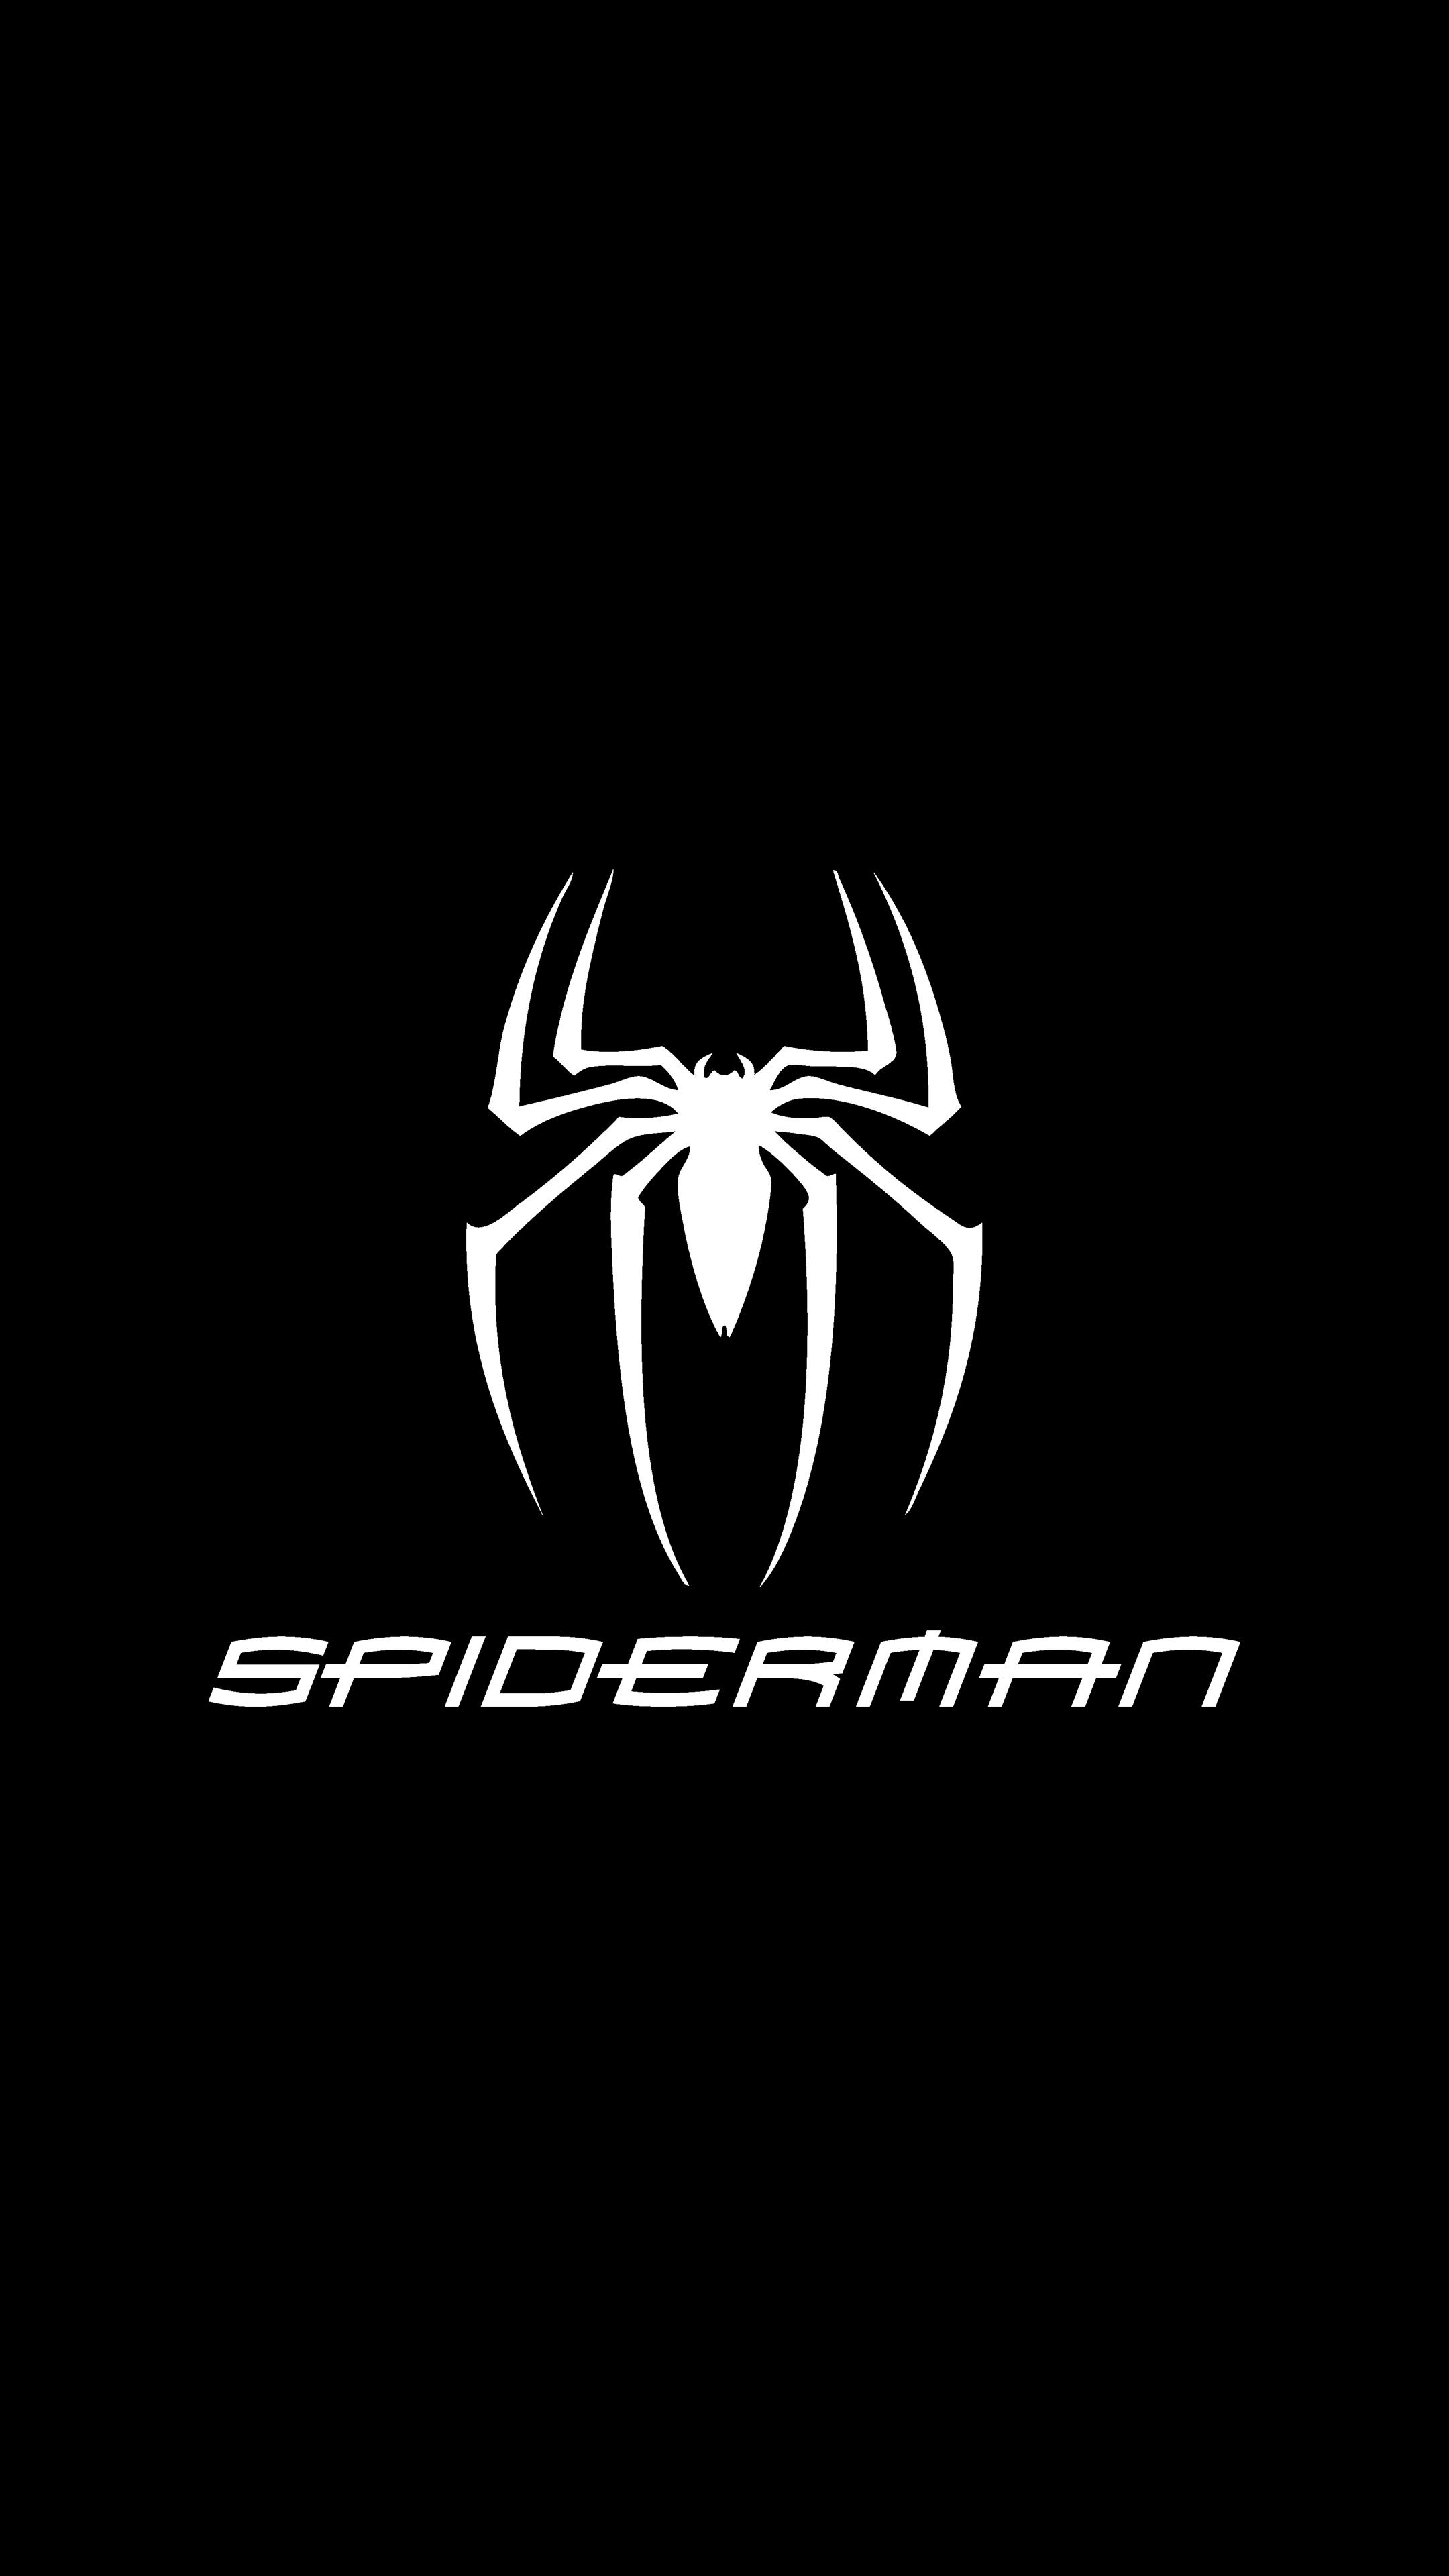 Spiderman 2160p 4k Oled Wallpaper Desain Logo Gambar Wallpaper Ponsel